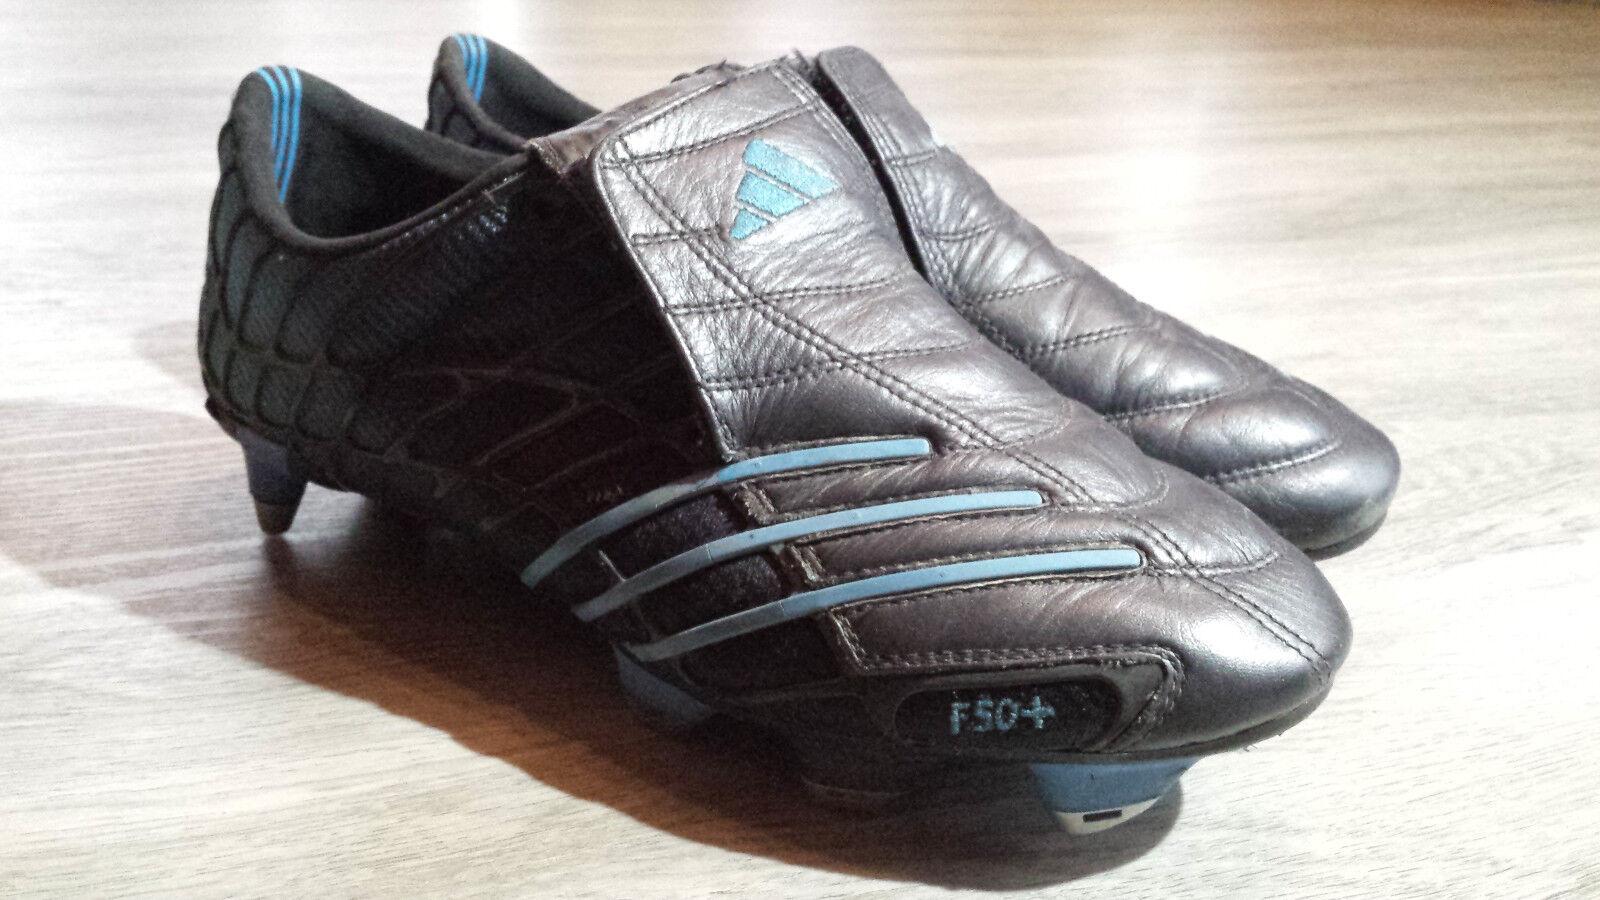 ADIDAS F50+ SG Spider schwarz blau 41 Fußballschuhe